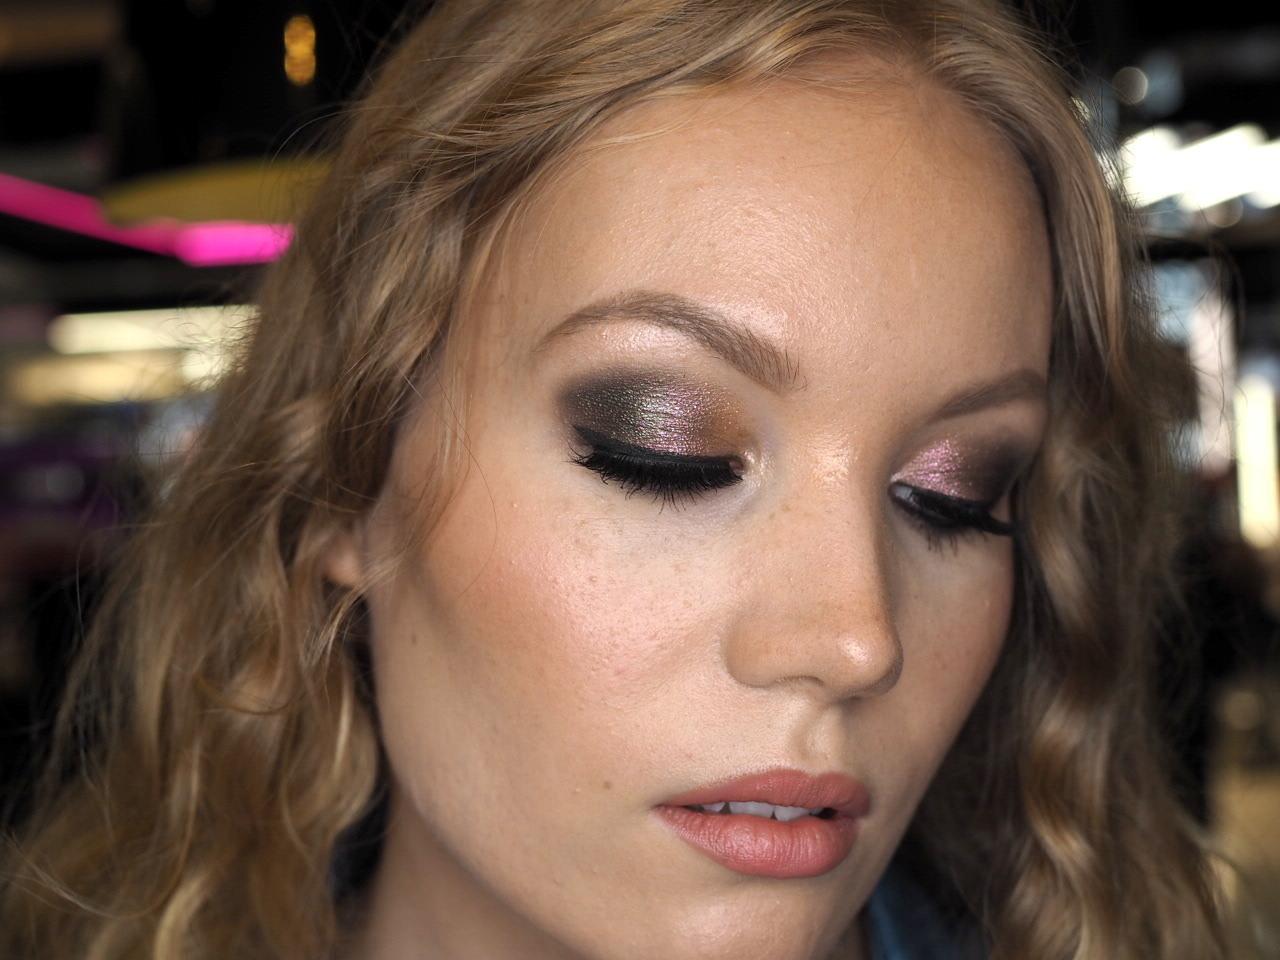 bobbi brown makeup artist does my makeup